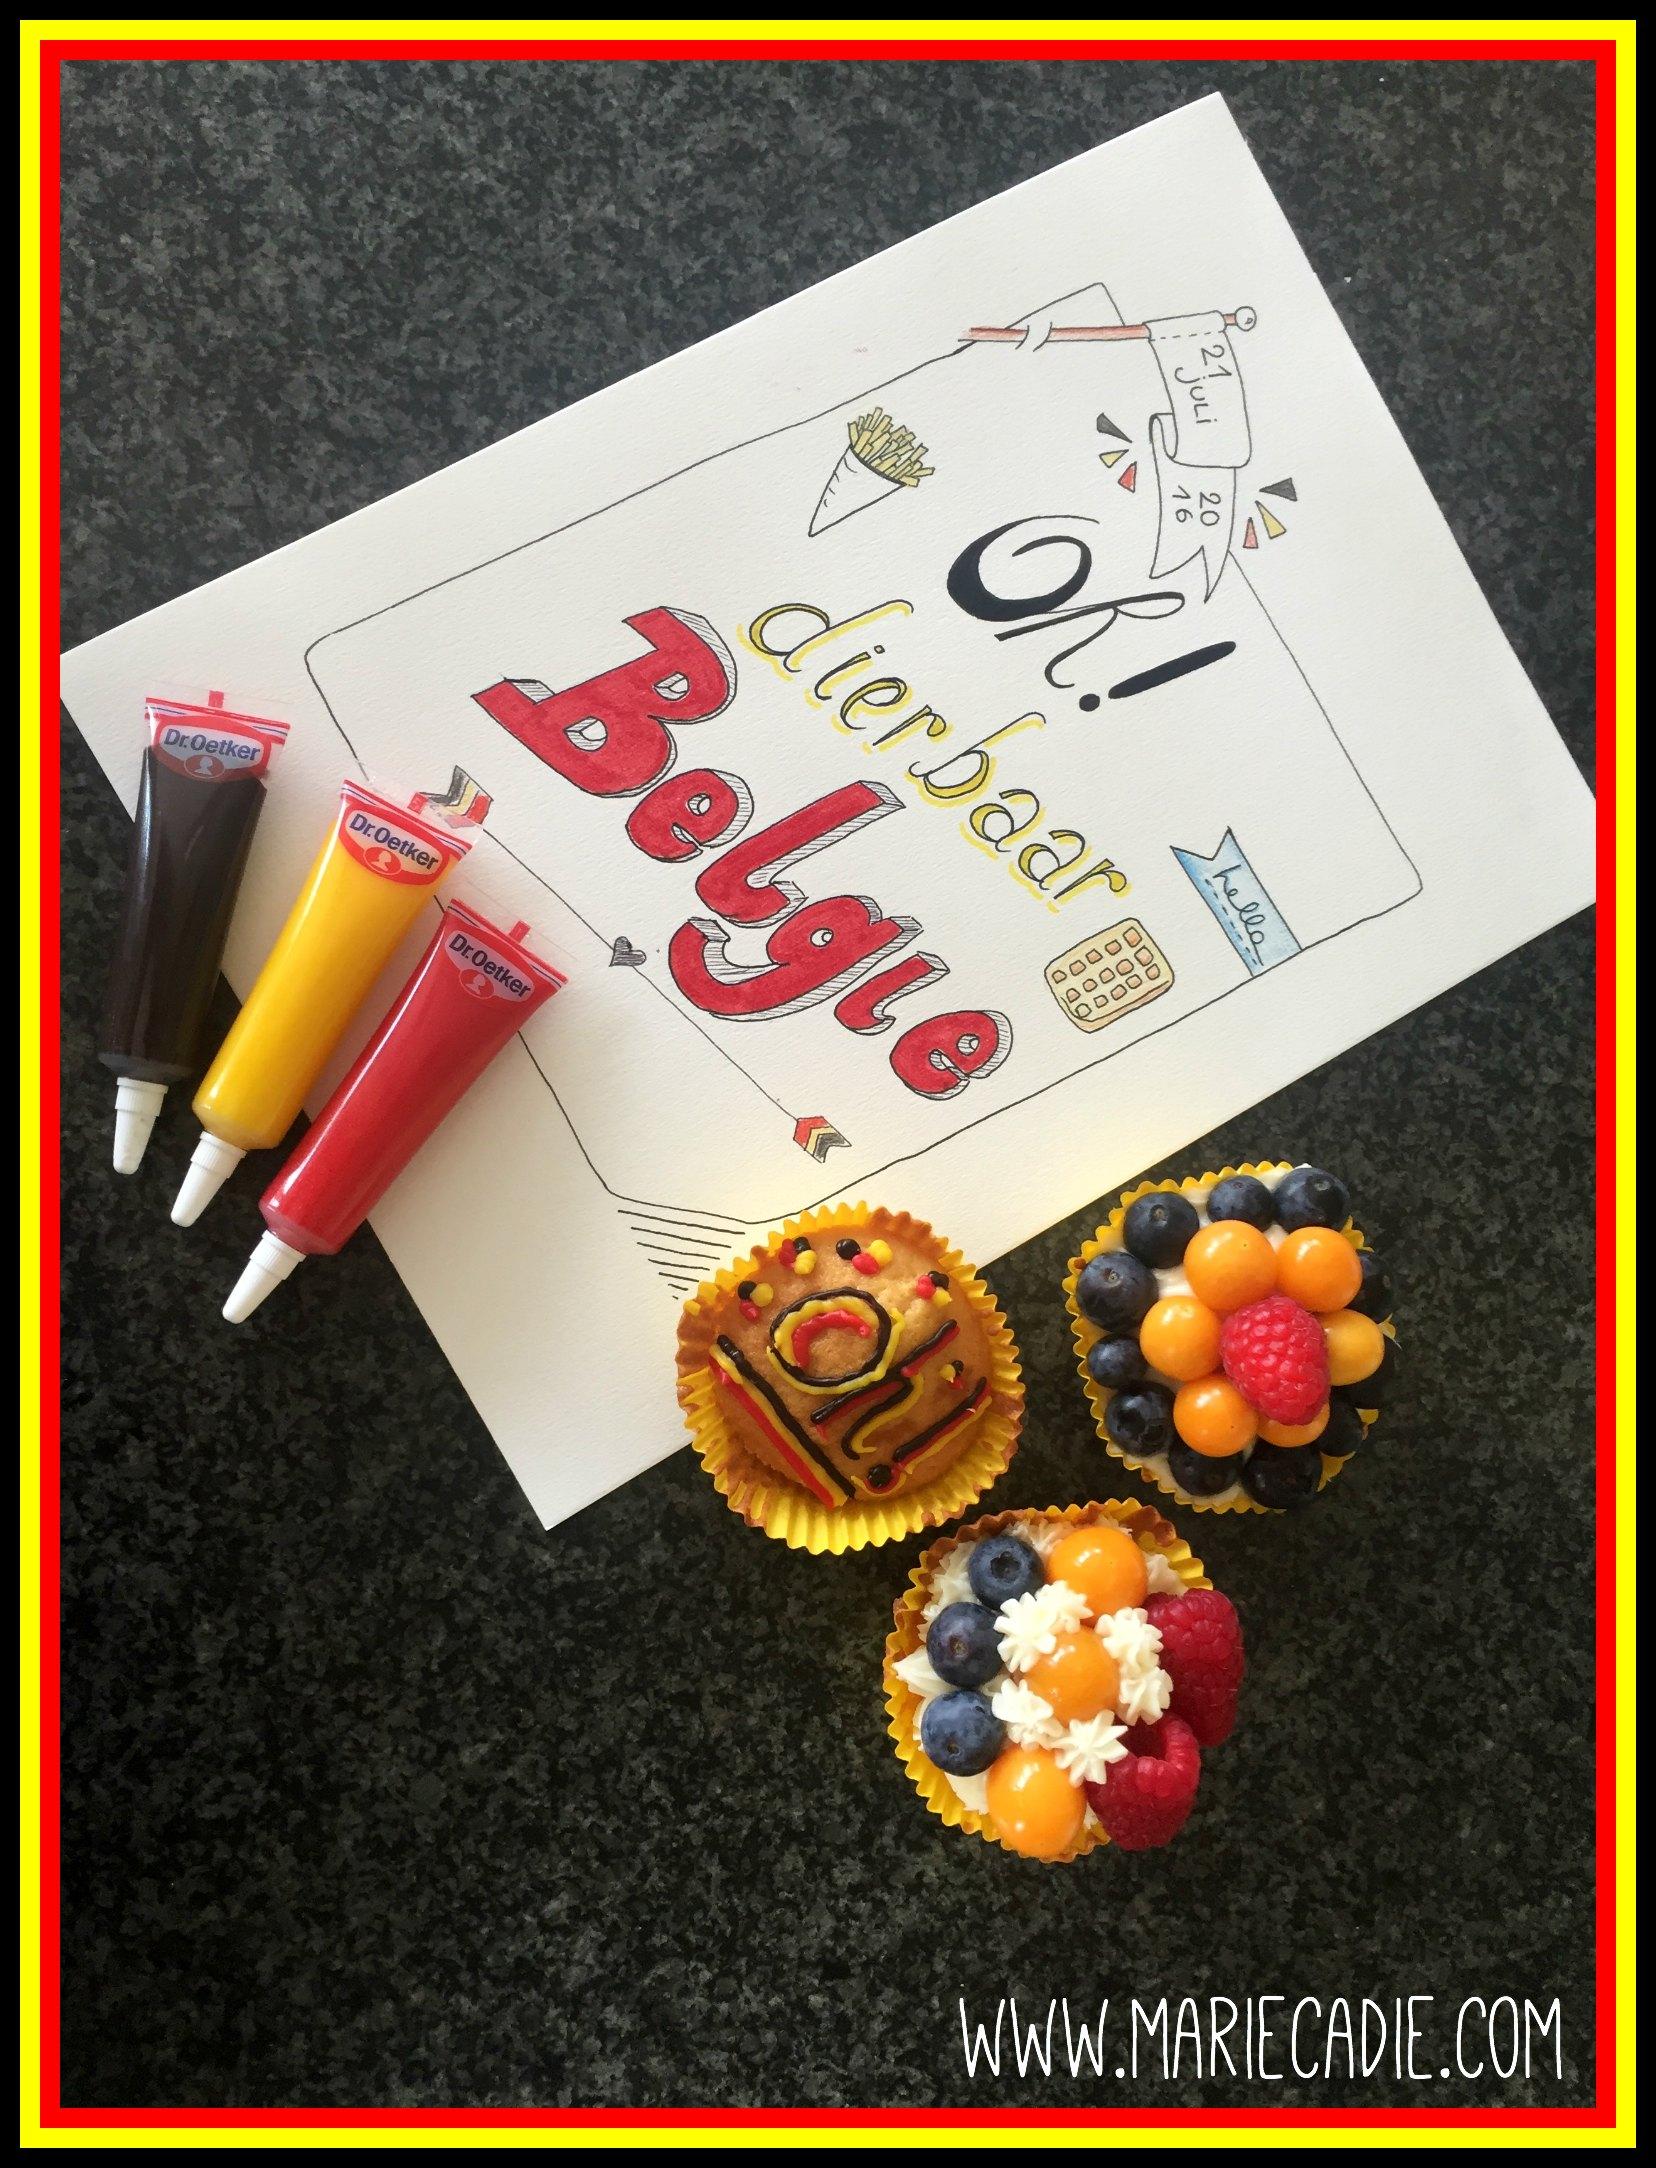 MarieCadie.com Dr Oetker Cupcakes 4